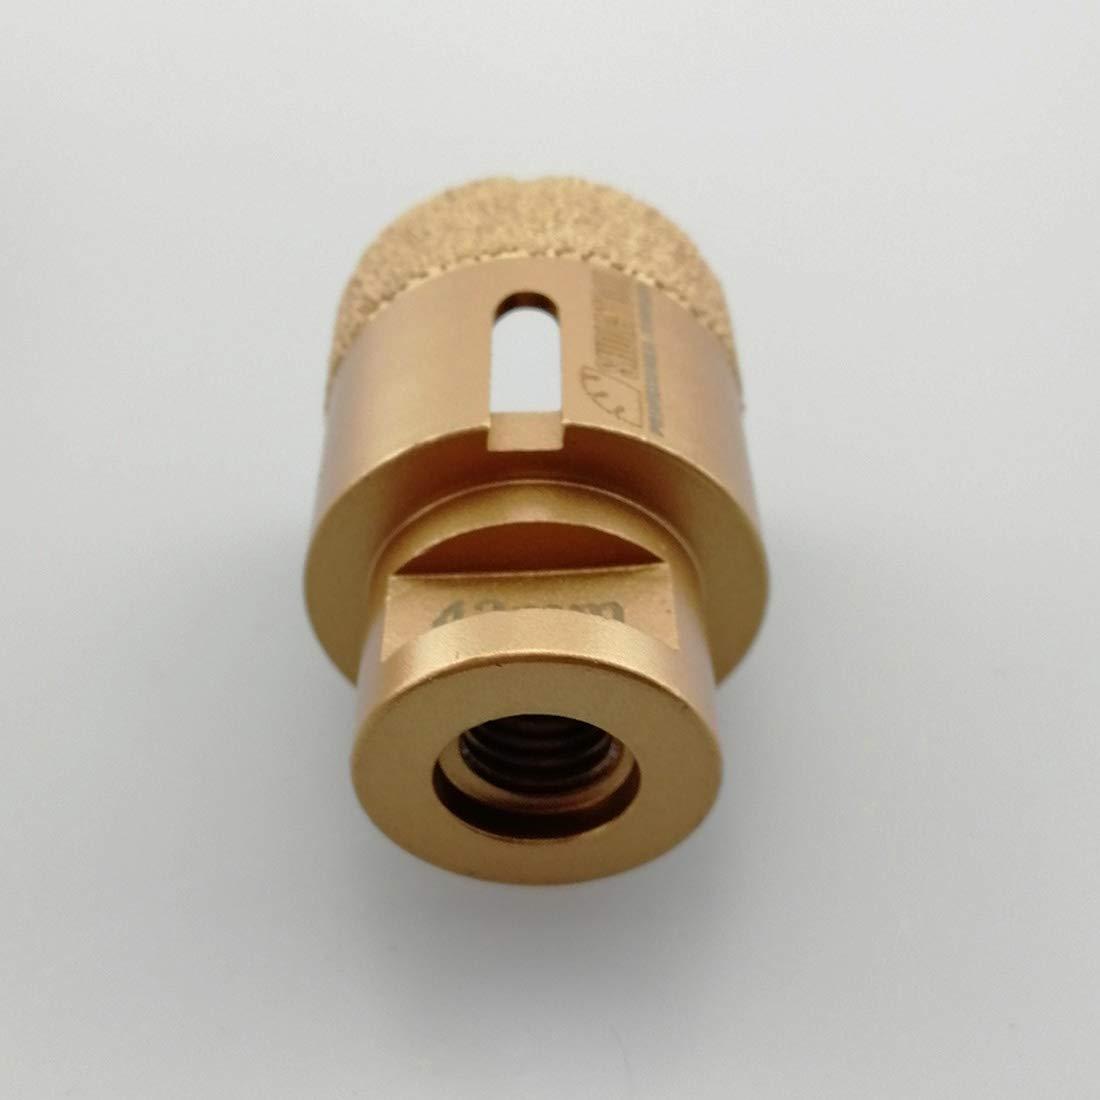 SHDIATOOL Broca de Diamante 55MM Vac/ío Soldadura para Perforaci/ón en Seco Porcelana Azulejo Granito M/ármol M14